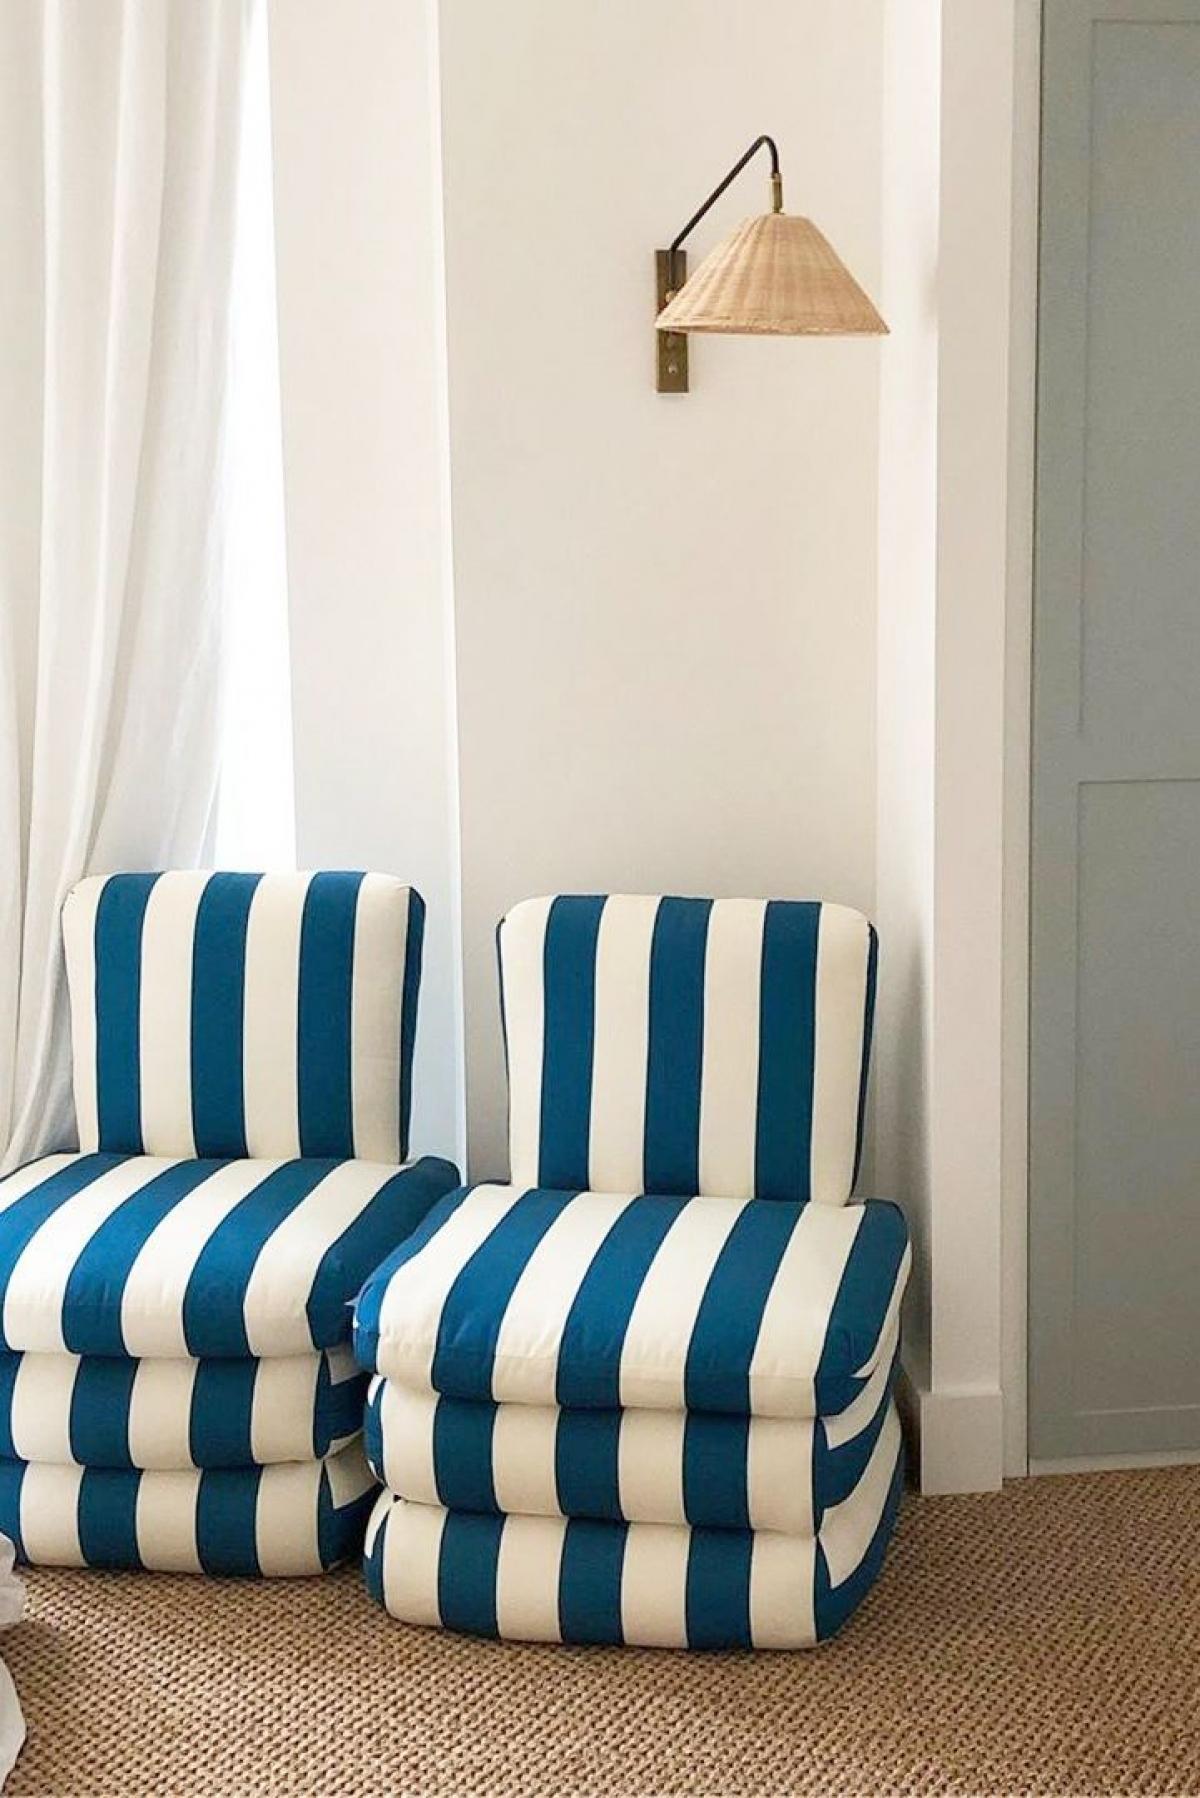 Hơi thở của biển: Mùa hè là mùa của những chuyến nghỉ mát. Hãy đưa một chút không khí biển vào căn nhà của bạn như ghế sofa màu xanh nước biển, thảm đay, đèn treo tường lấy cảm hứng từ đại dương sâu thẳm./.